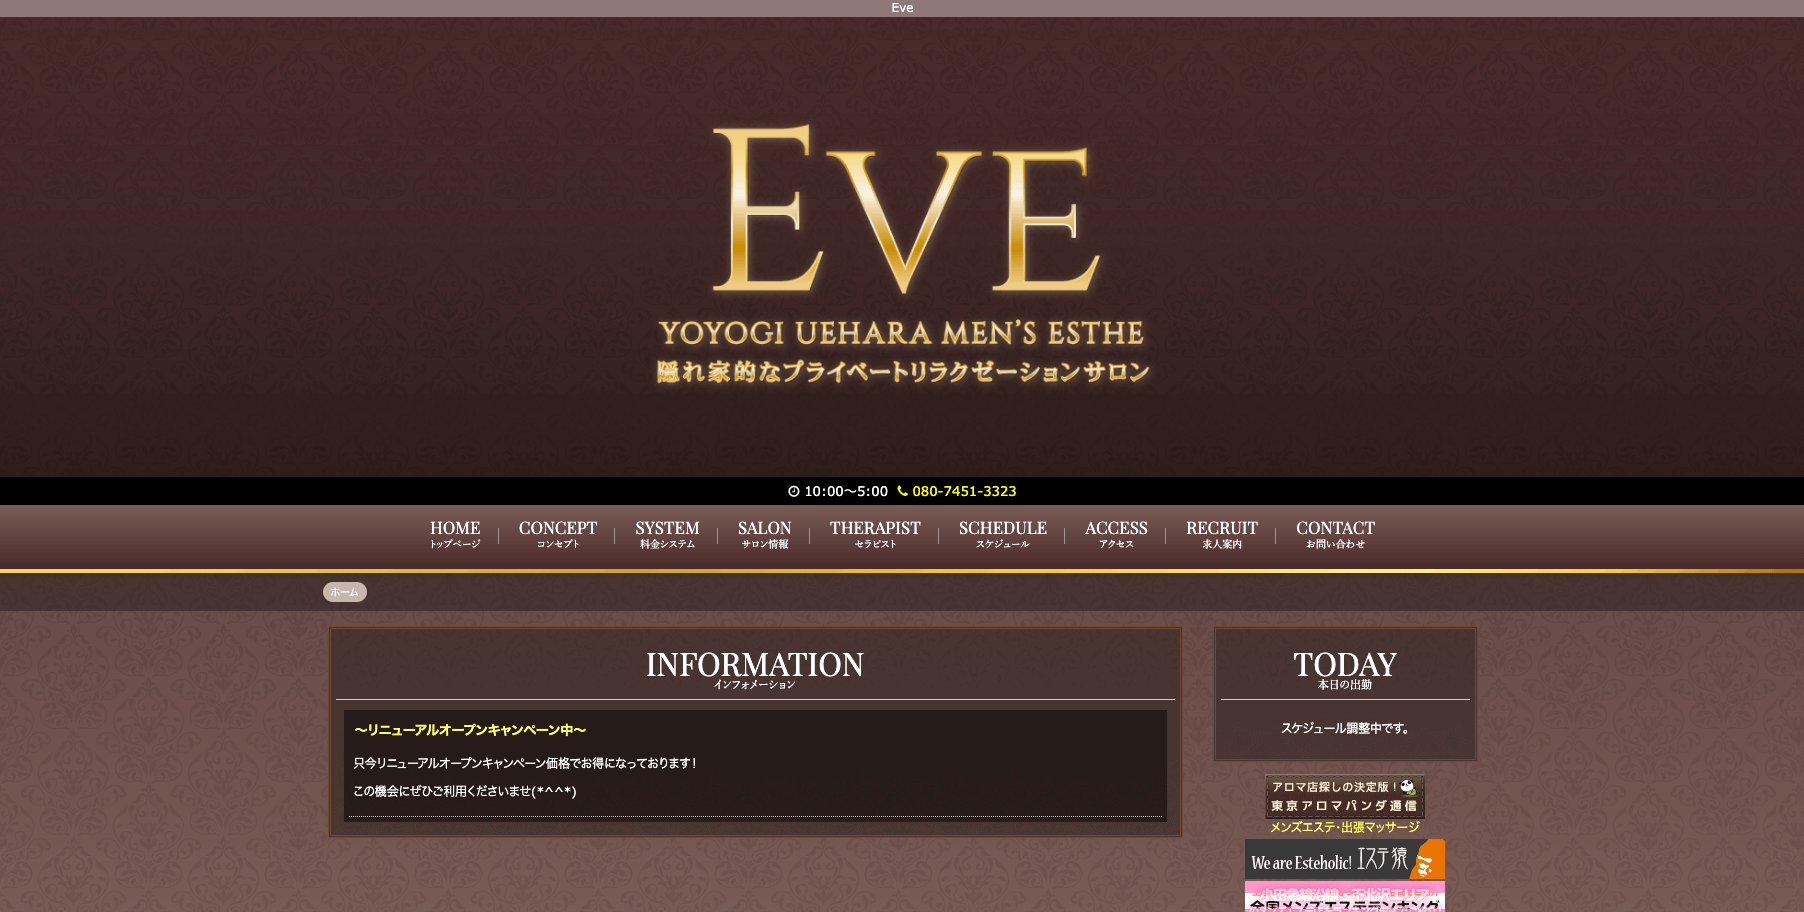 Eve(イヴ)